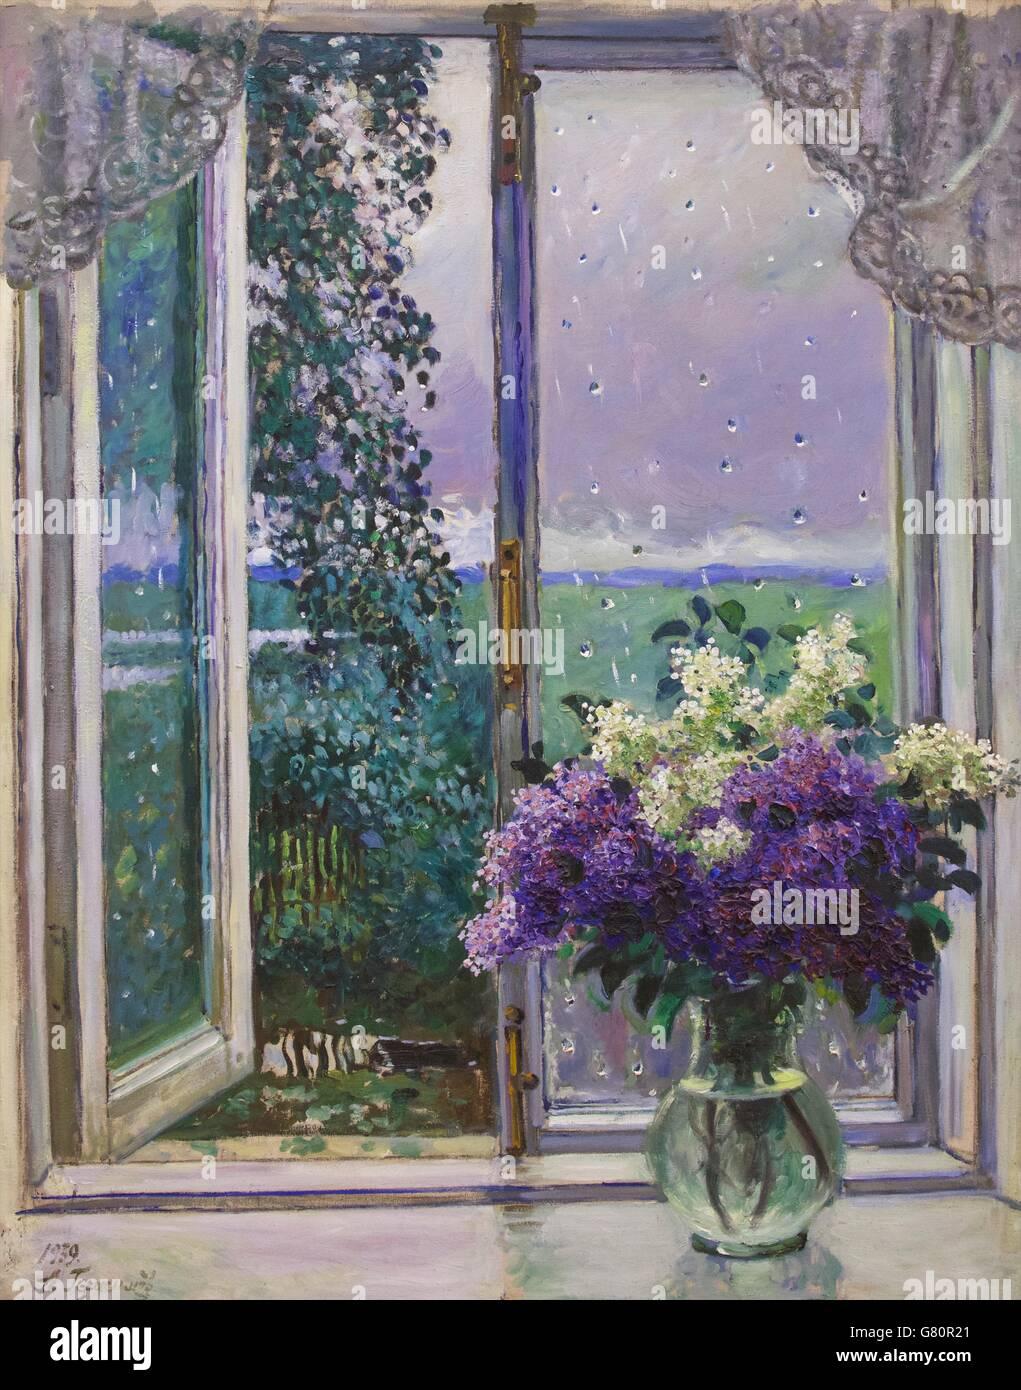 Mittag, warmen Regen, von Alexander Gerasimov, 1939, Russisches Museum, St. Petersburg, Russland Stockbild